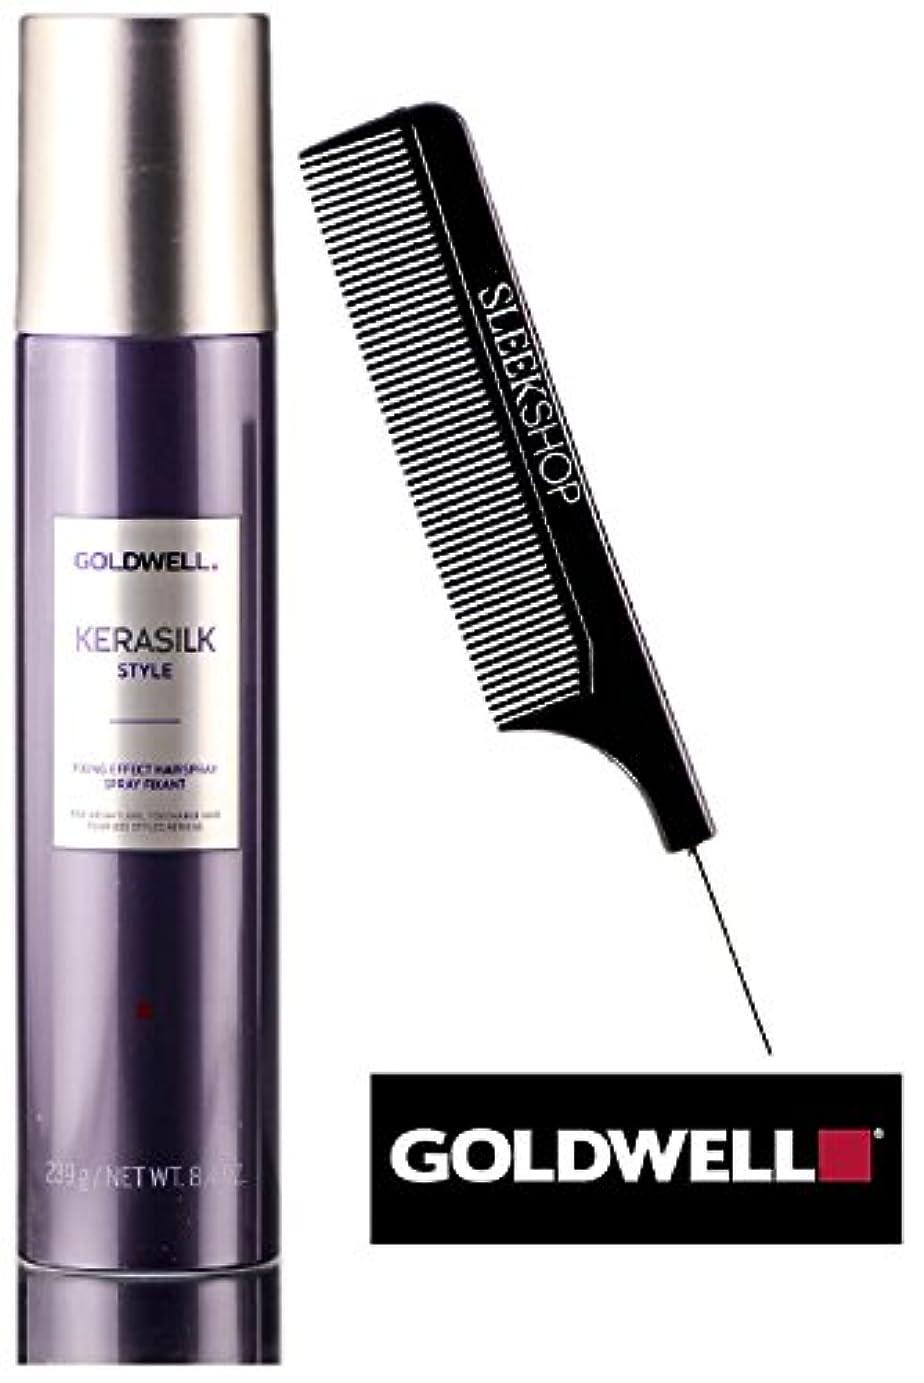 サイバースペーストリクル自然Kerasilk Hair Spray by Goldwell エフェクトヘアスプレーを修正Goldwell KERASILK STYLE(と洗練されたスチールピンテールくし)無重力のため、触れることができるヘアー 8.4...